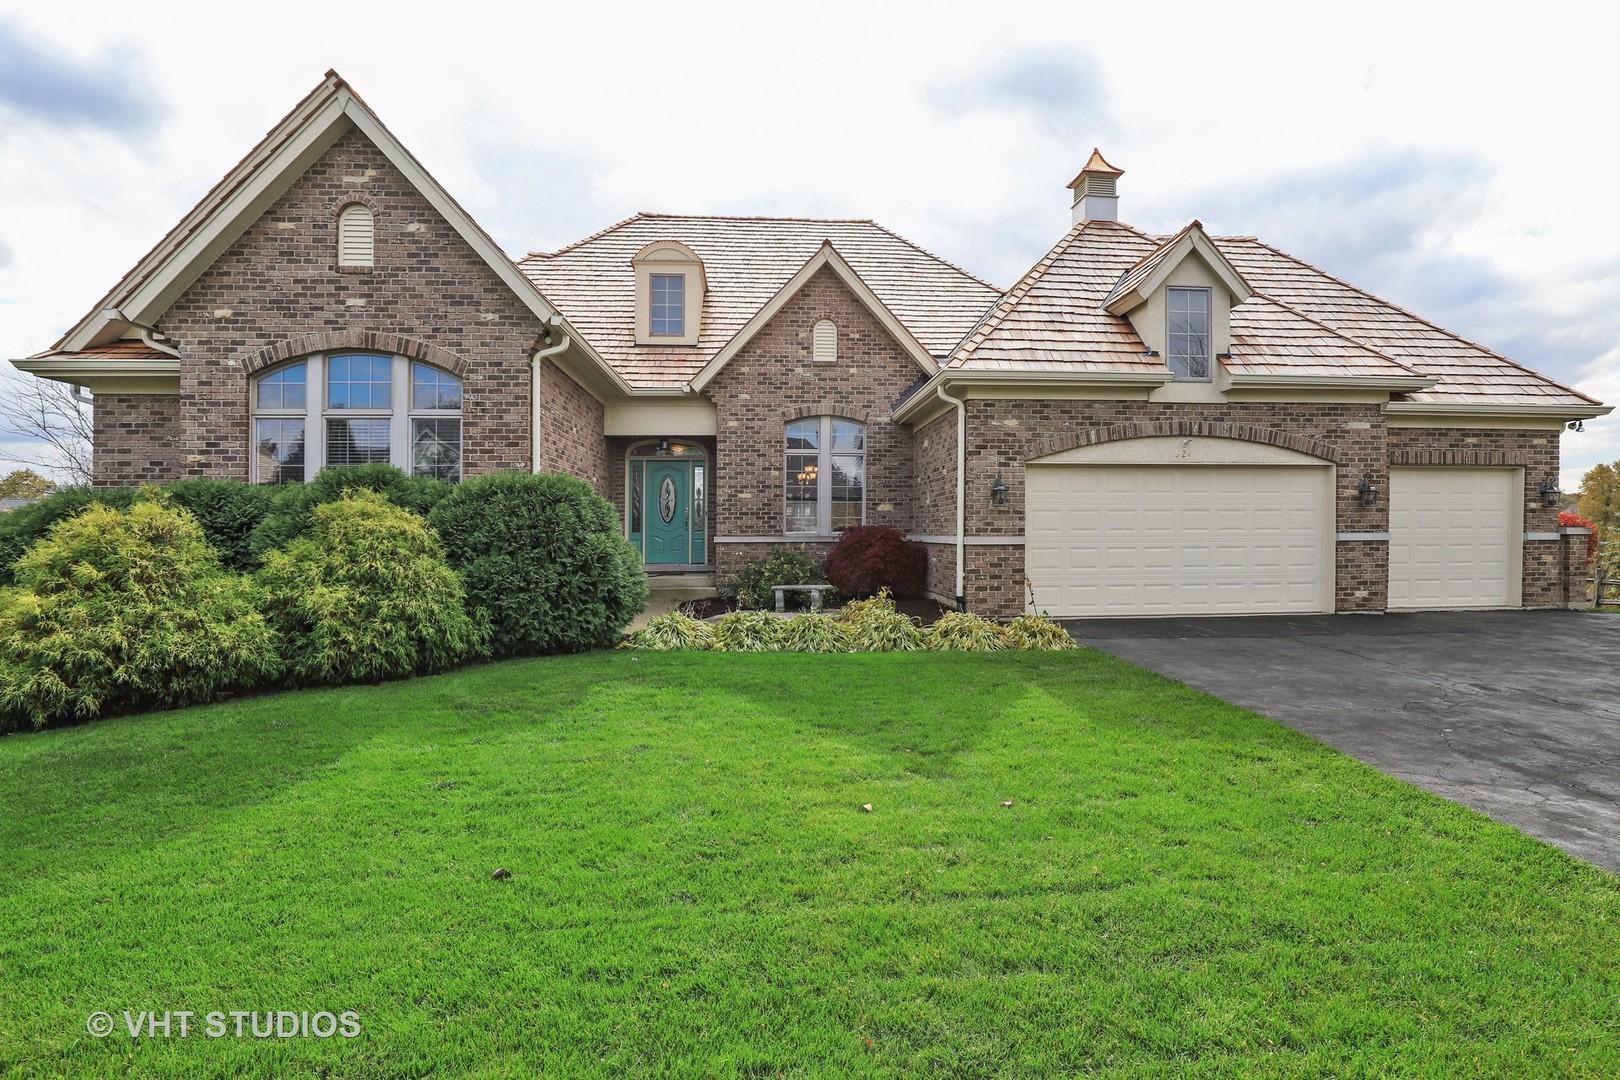 824 Wedgewood Court, Lindenhurst, Illinois 60046